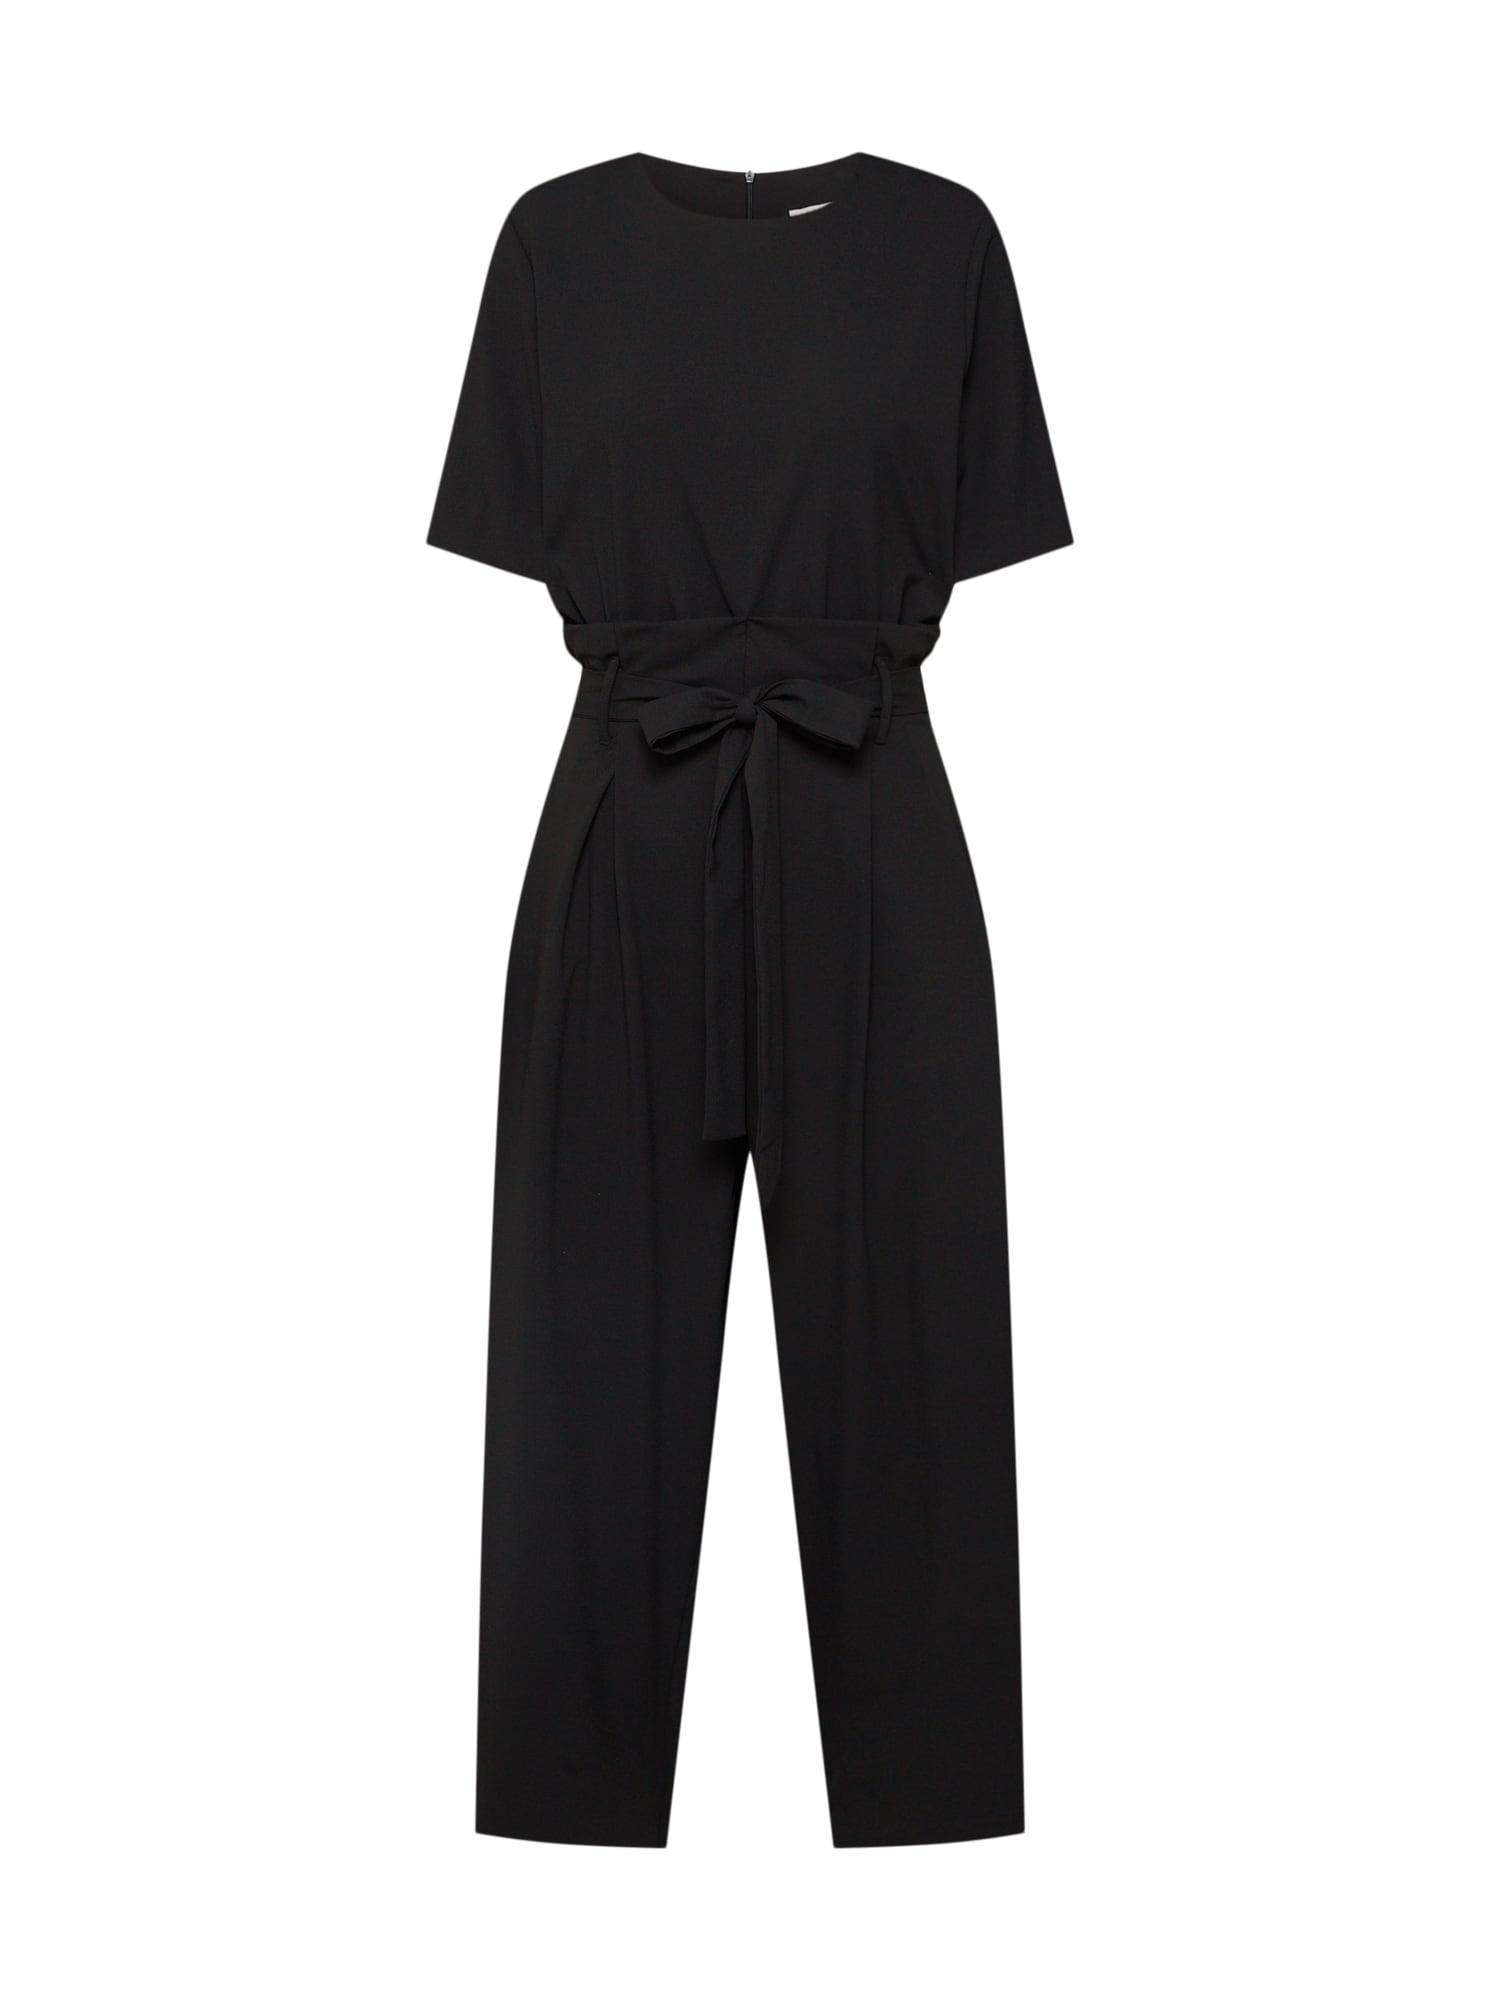 ARTLOVE Paris, Dames Jumpsuit, zwart